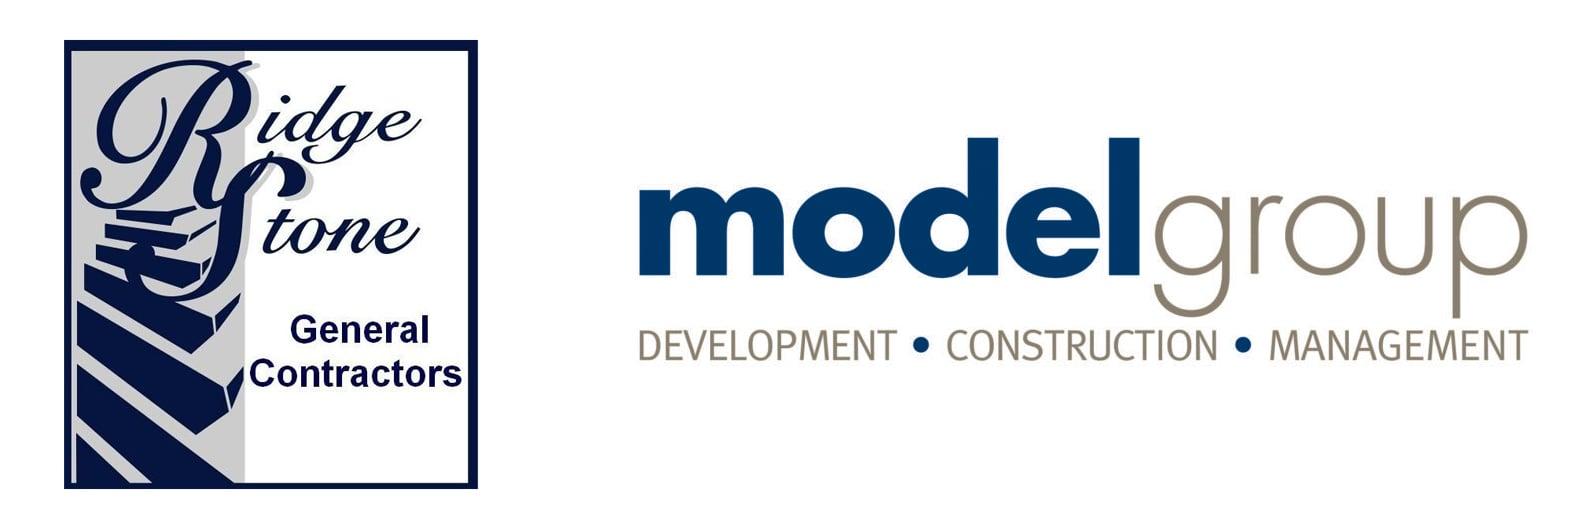 Ridgestone-Model